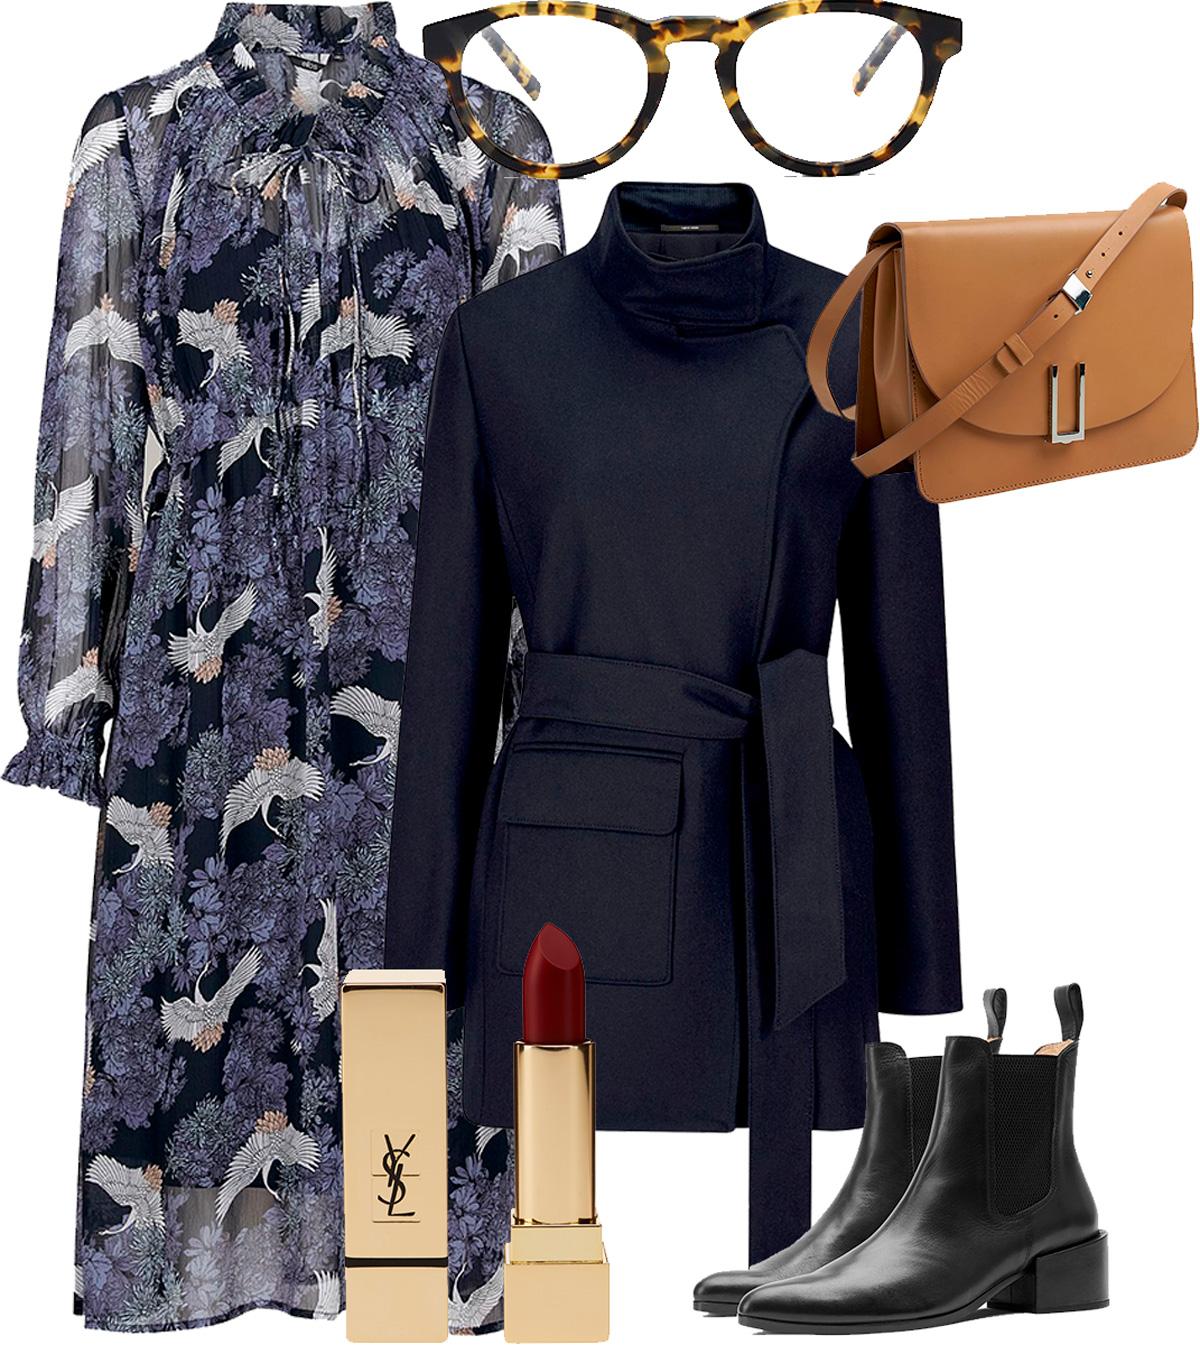 Woolen elegance